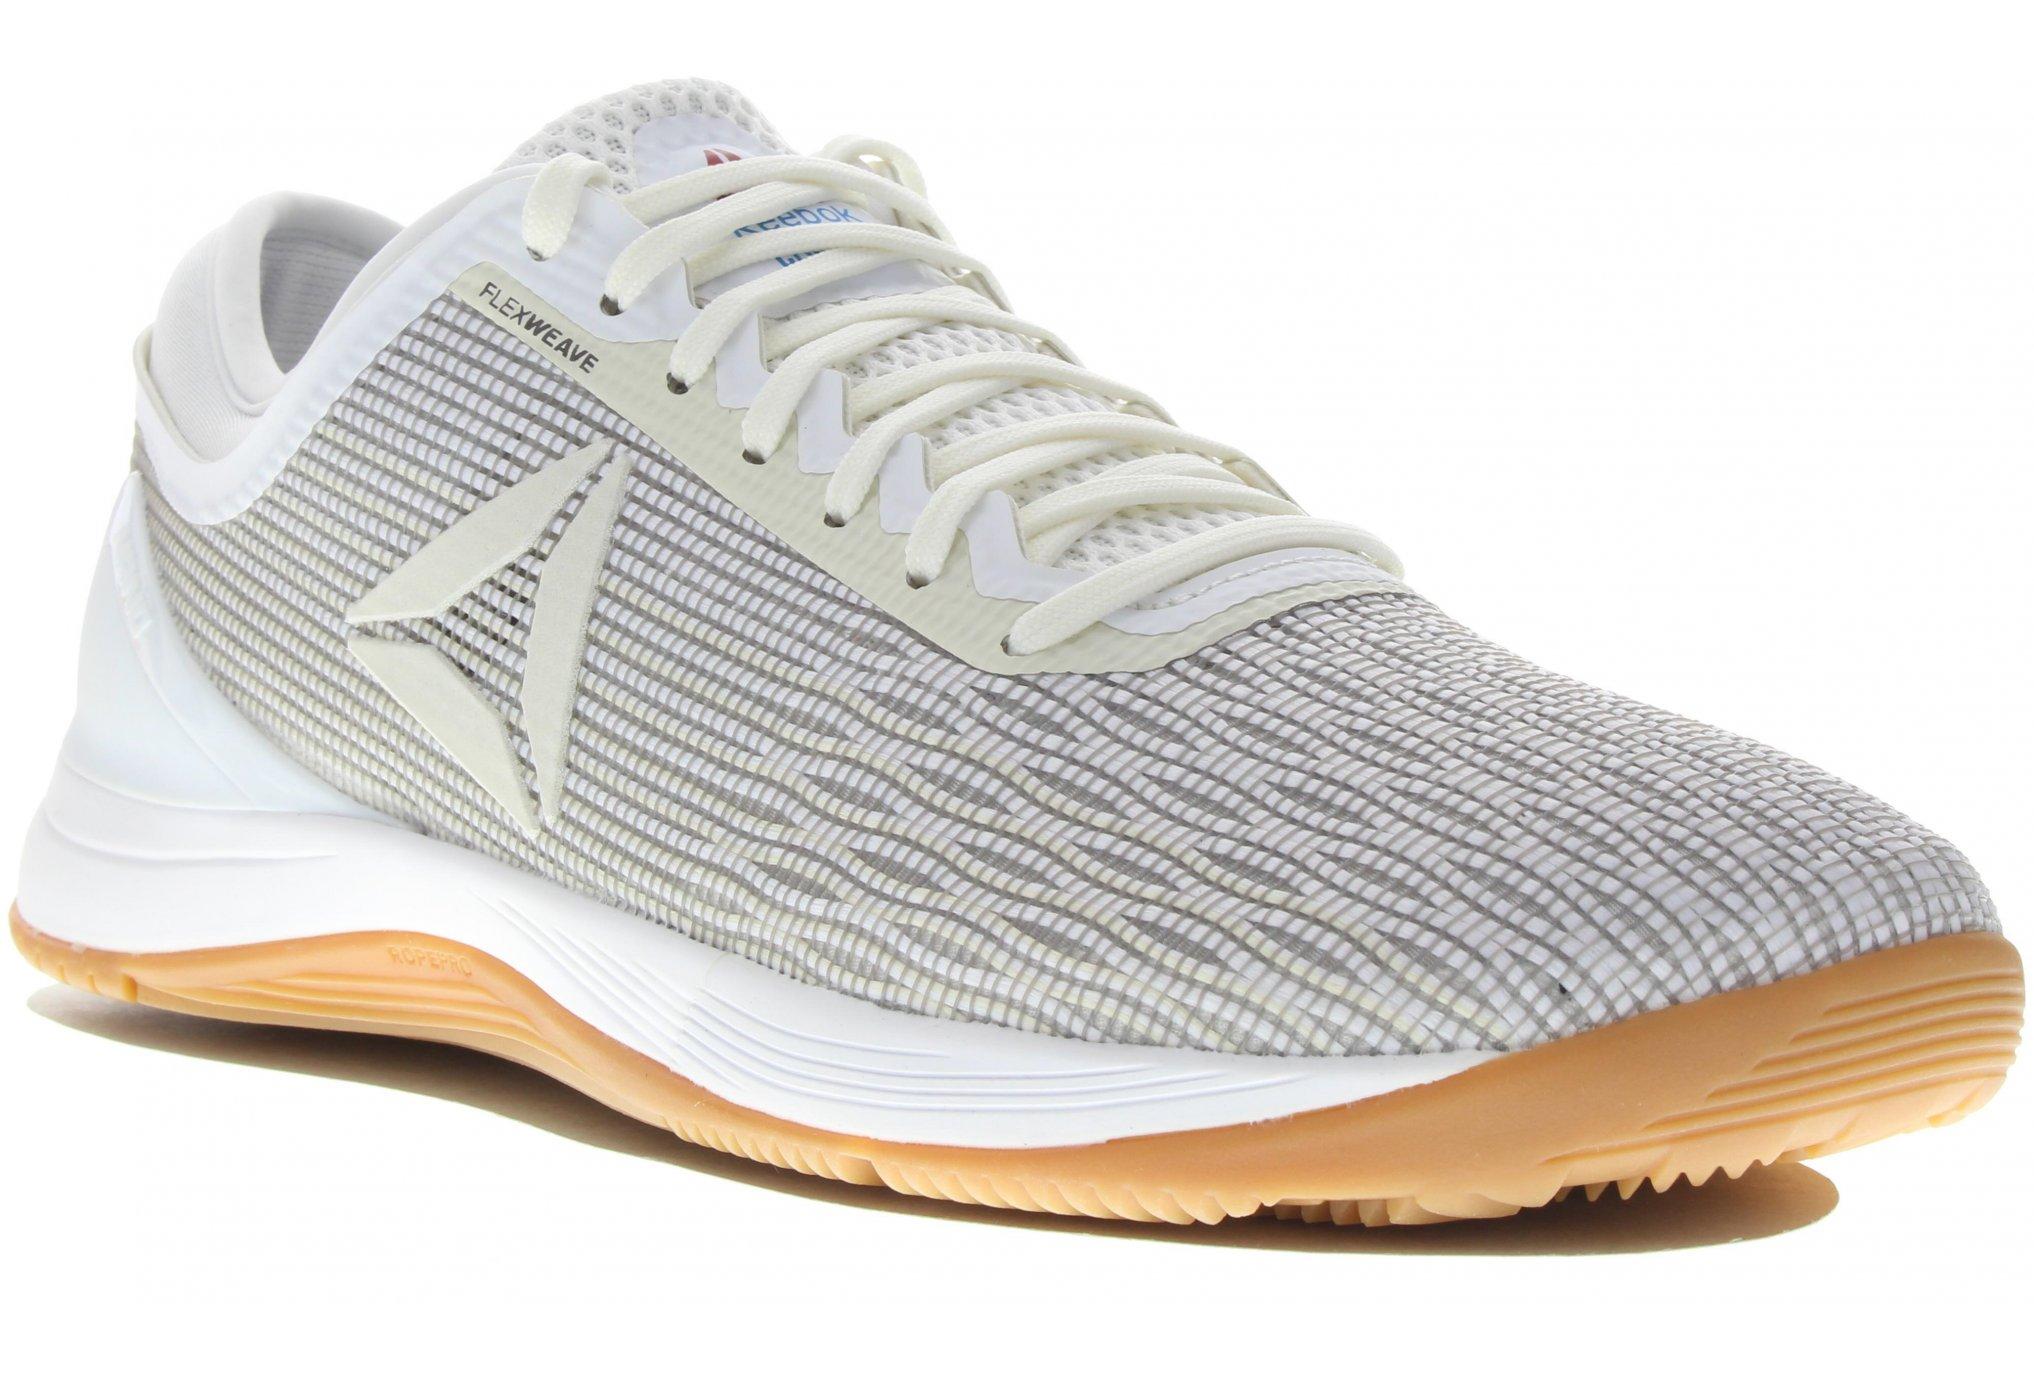 Reebok Crossfit Nano 8 Flexweave M Chaussures homme